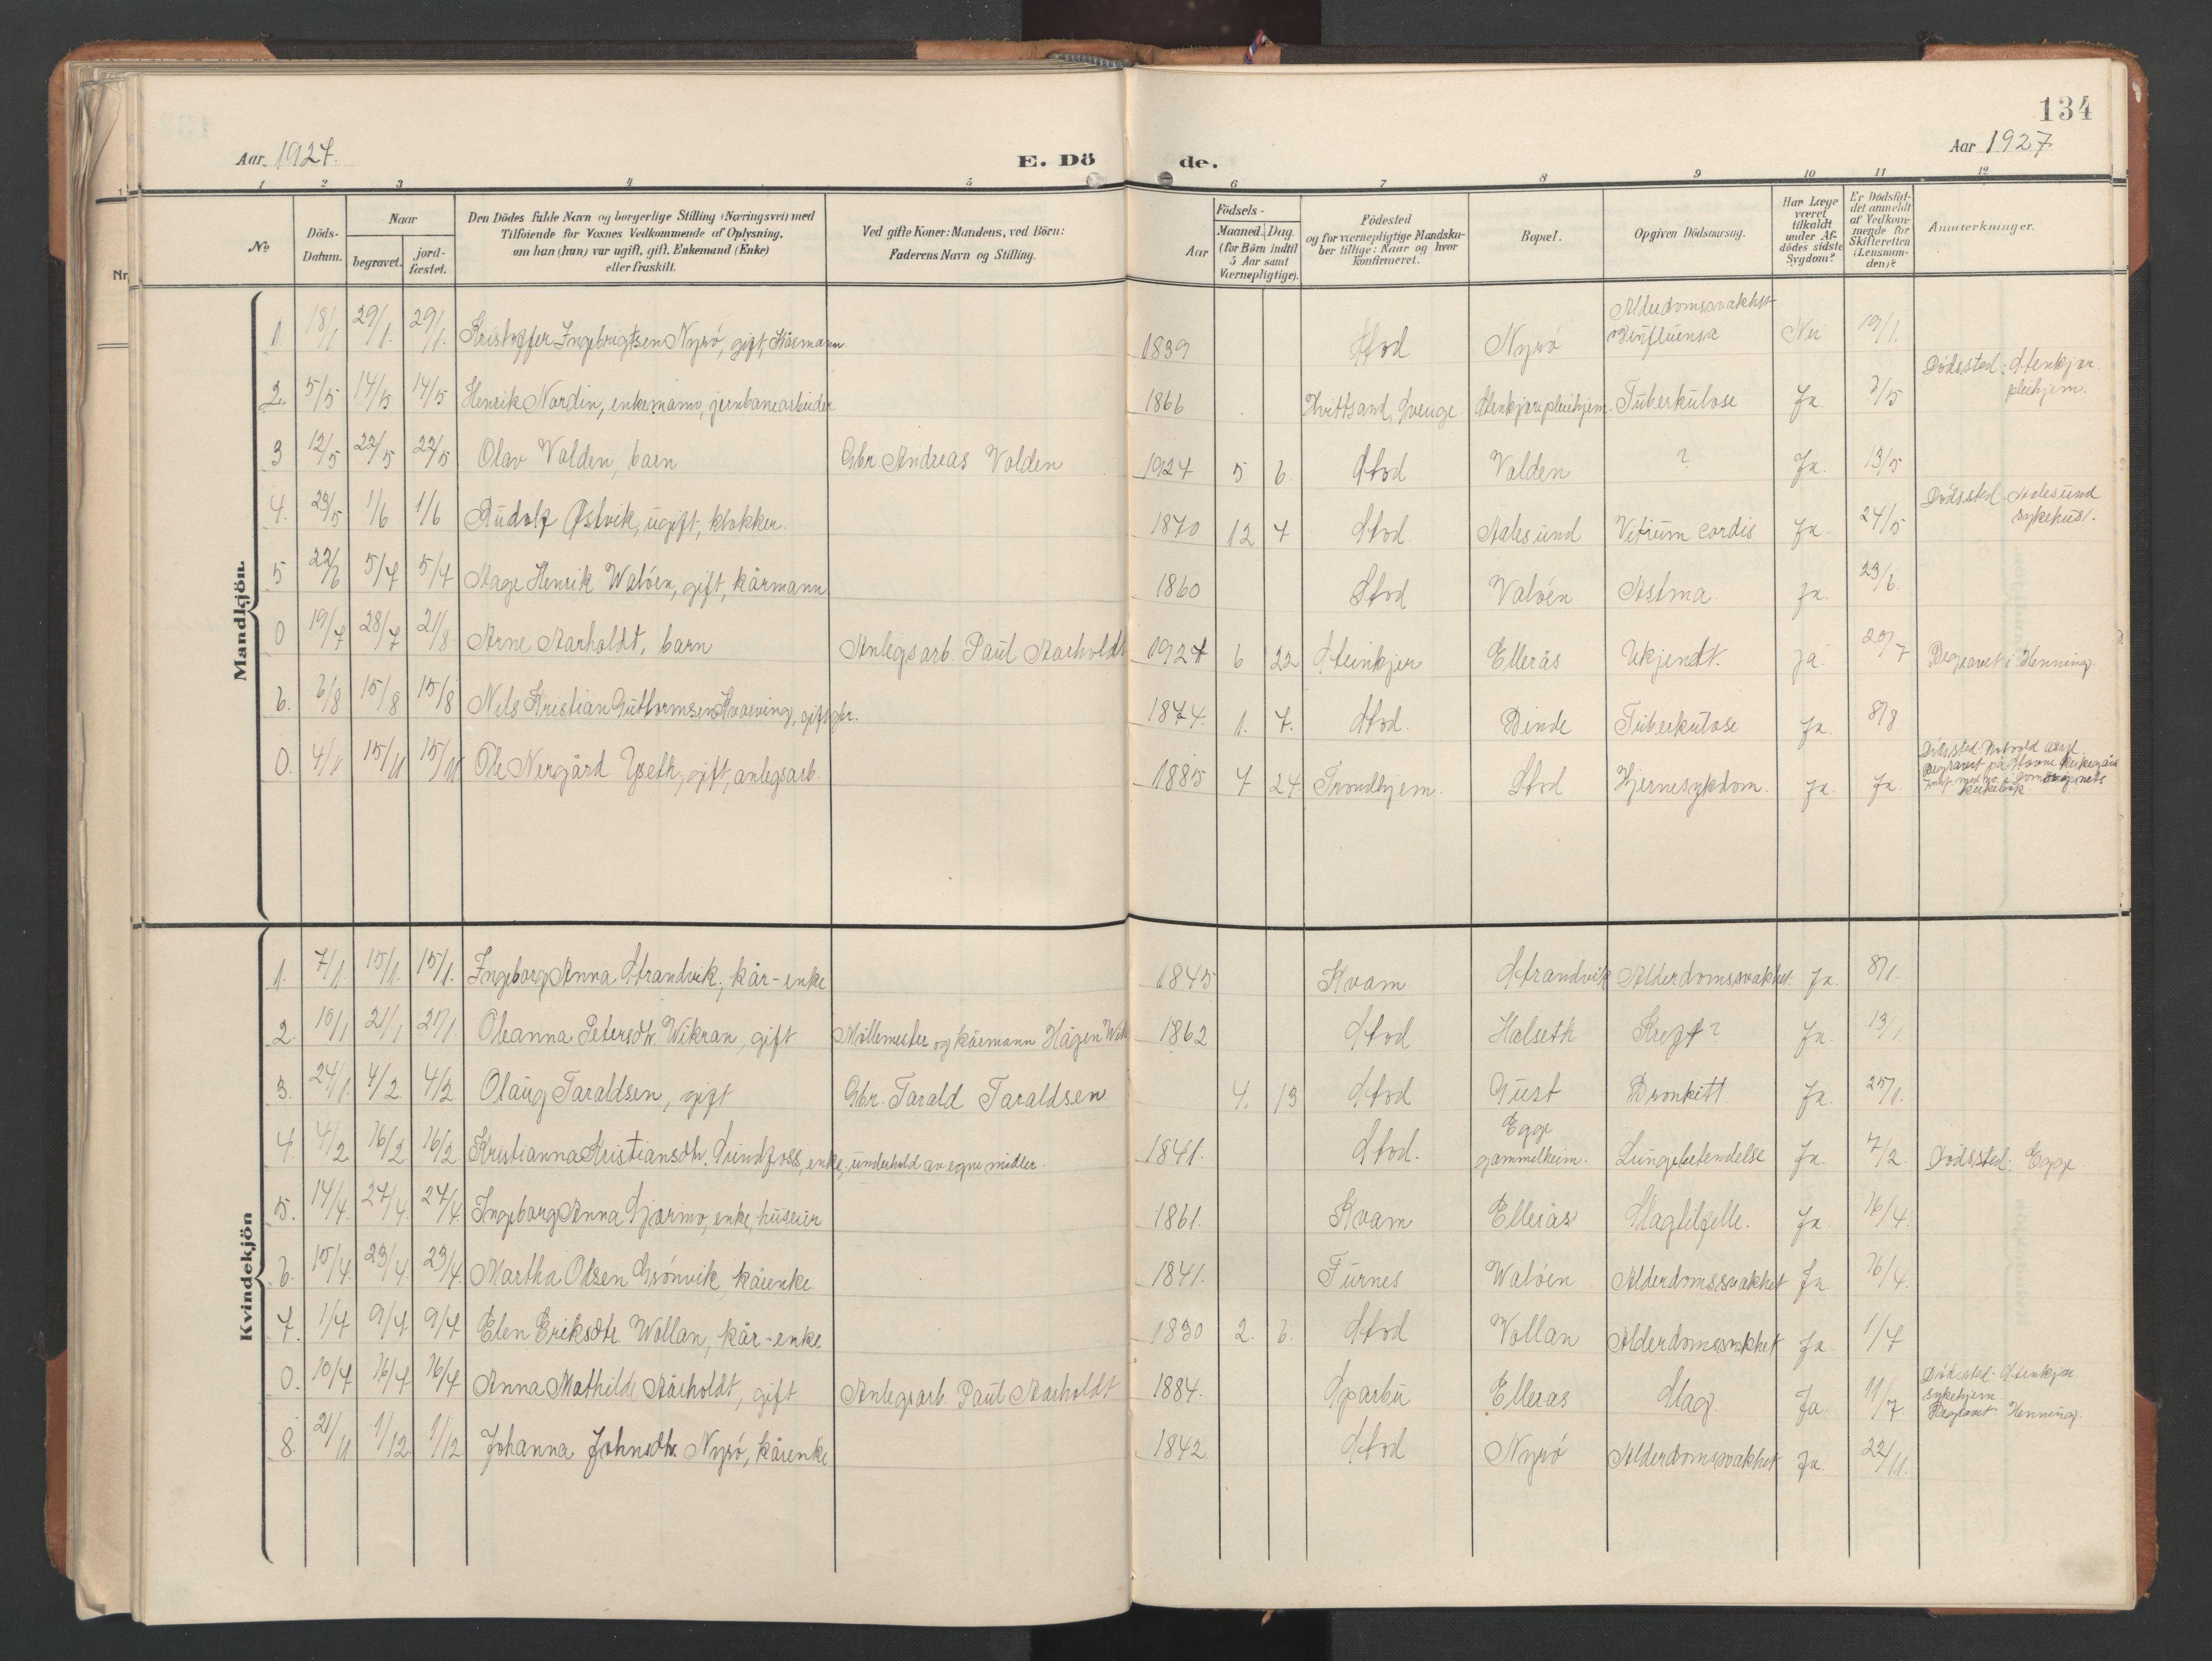 SAT, Ministerialprotokoller, klokkerbøker og fødselsregistre - Nord-Trøndelag, 746/L0455: Klokkerbok nr. 746C01, 1908-1933, s. 134